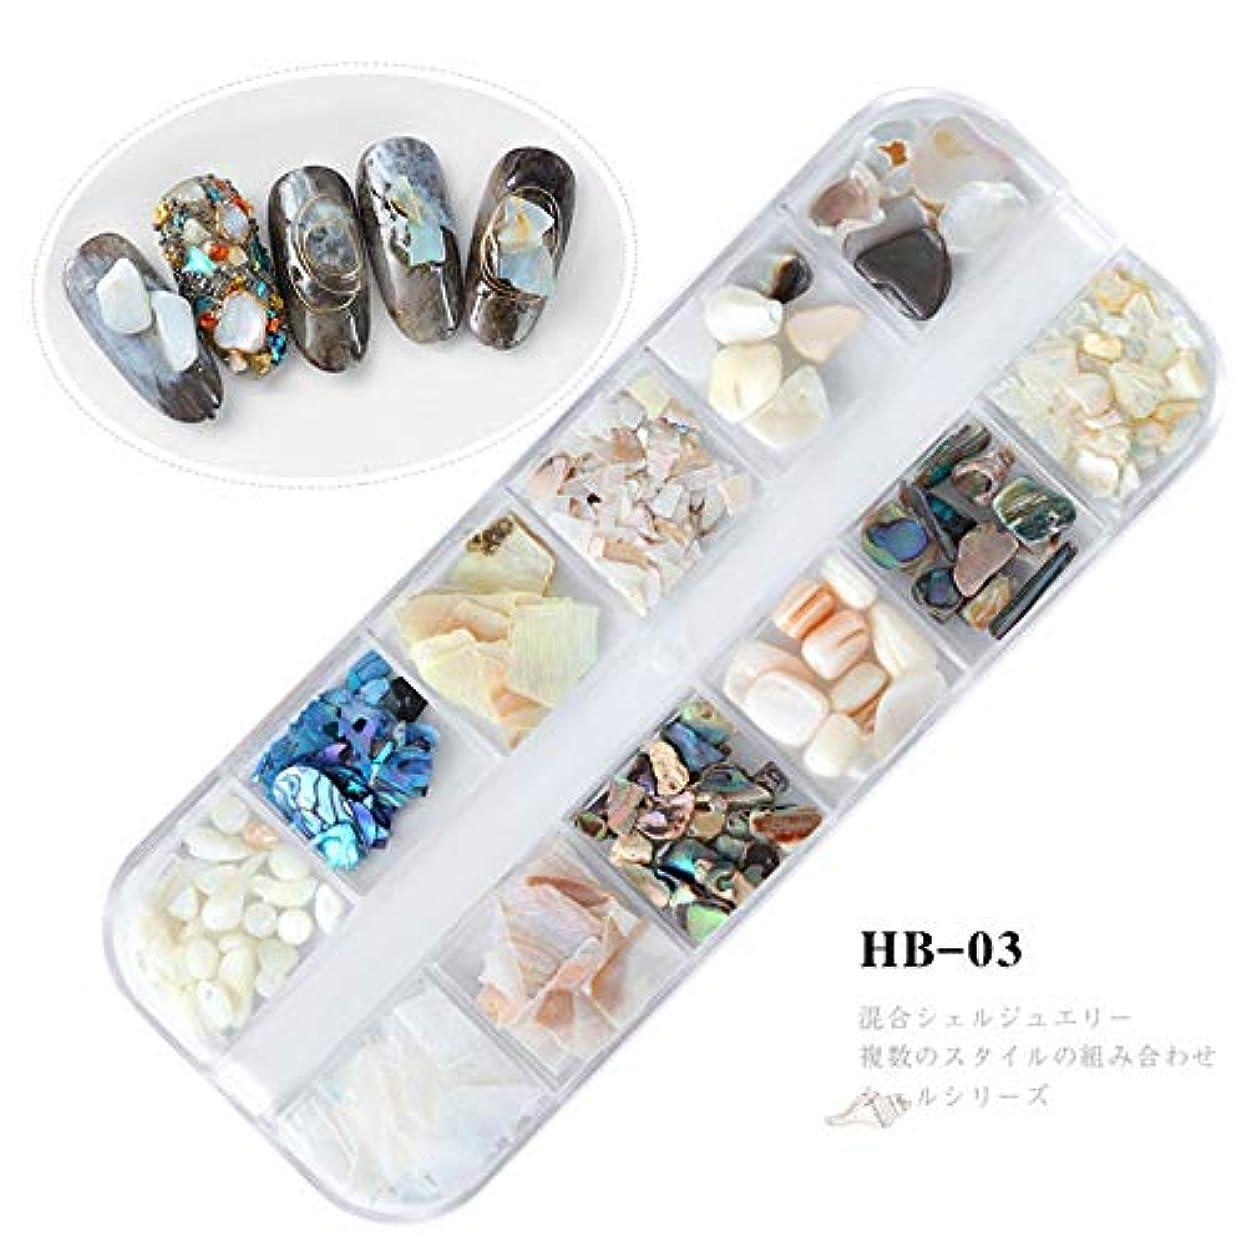 発行するセッティング甥1箱ミックス自然の海シェルアワビのスライスグラデーション砕石3Dネイルアートの装飾UVジェルデザインマニキュアアクセサリー,3